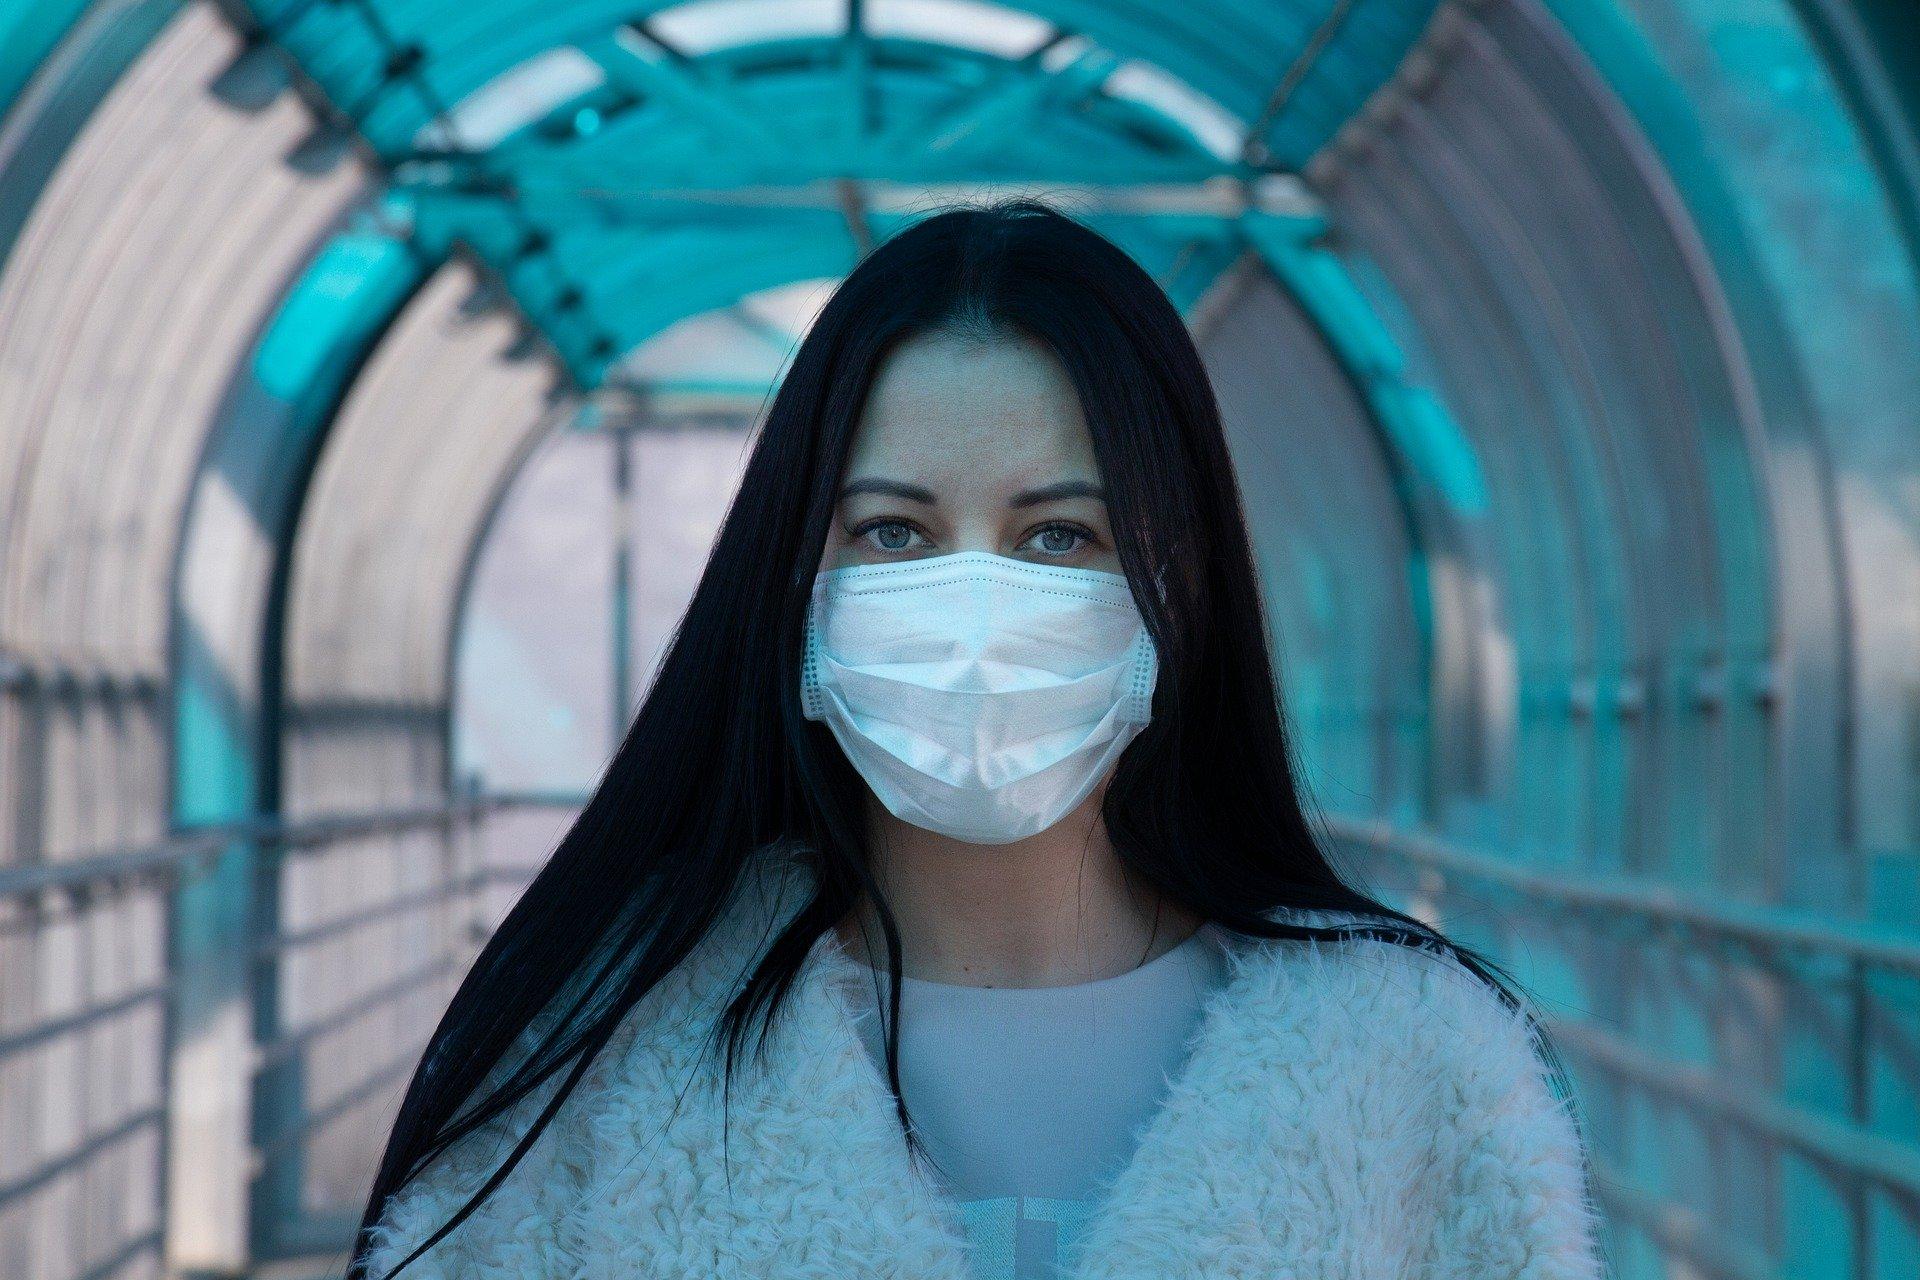 choroba maska maseczka koronawirus COVID-19